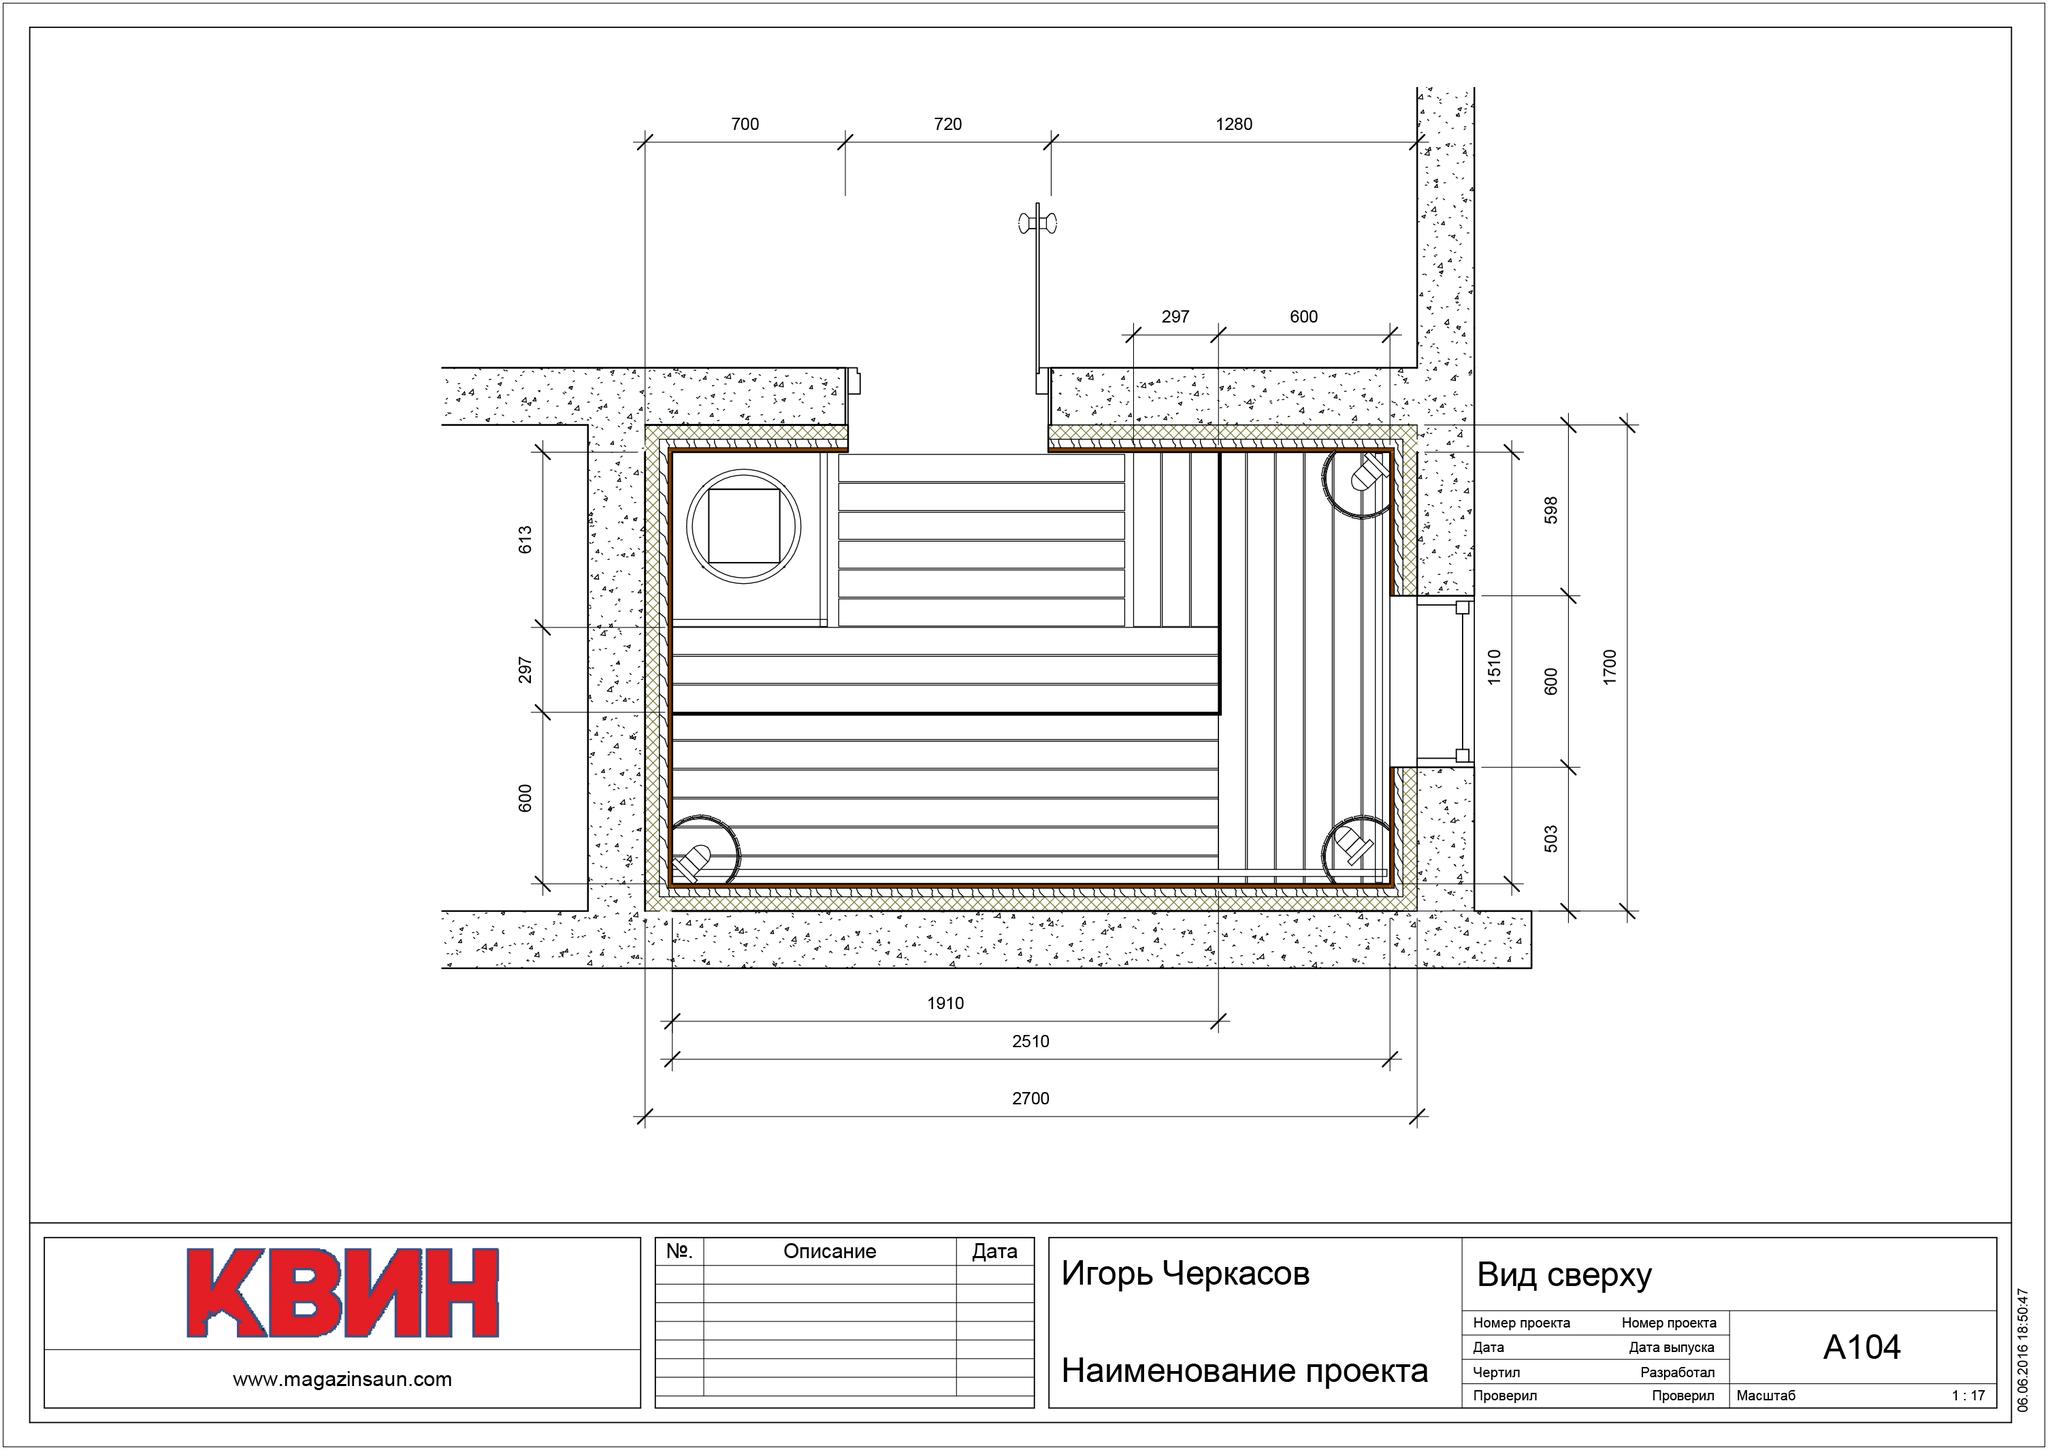 Проект сауна 2,7х1,7 материал: липа, абаш, вставки кедр, фото 2